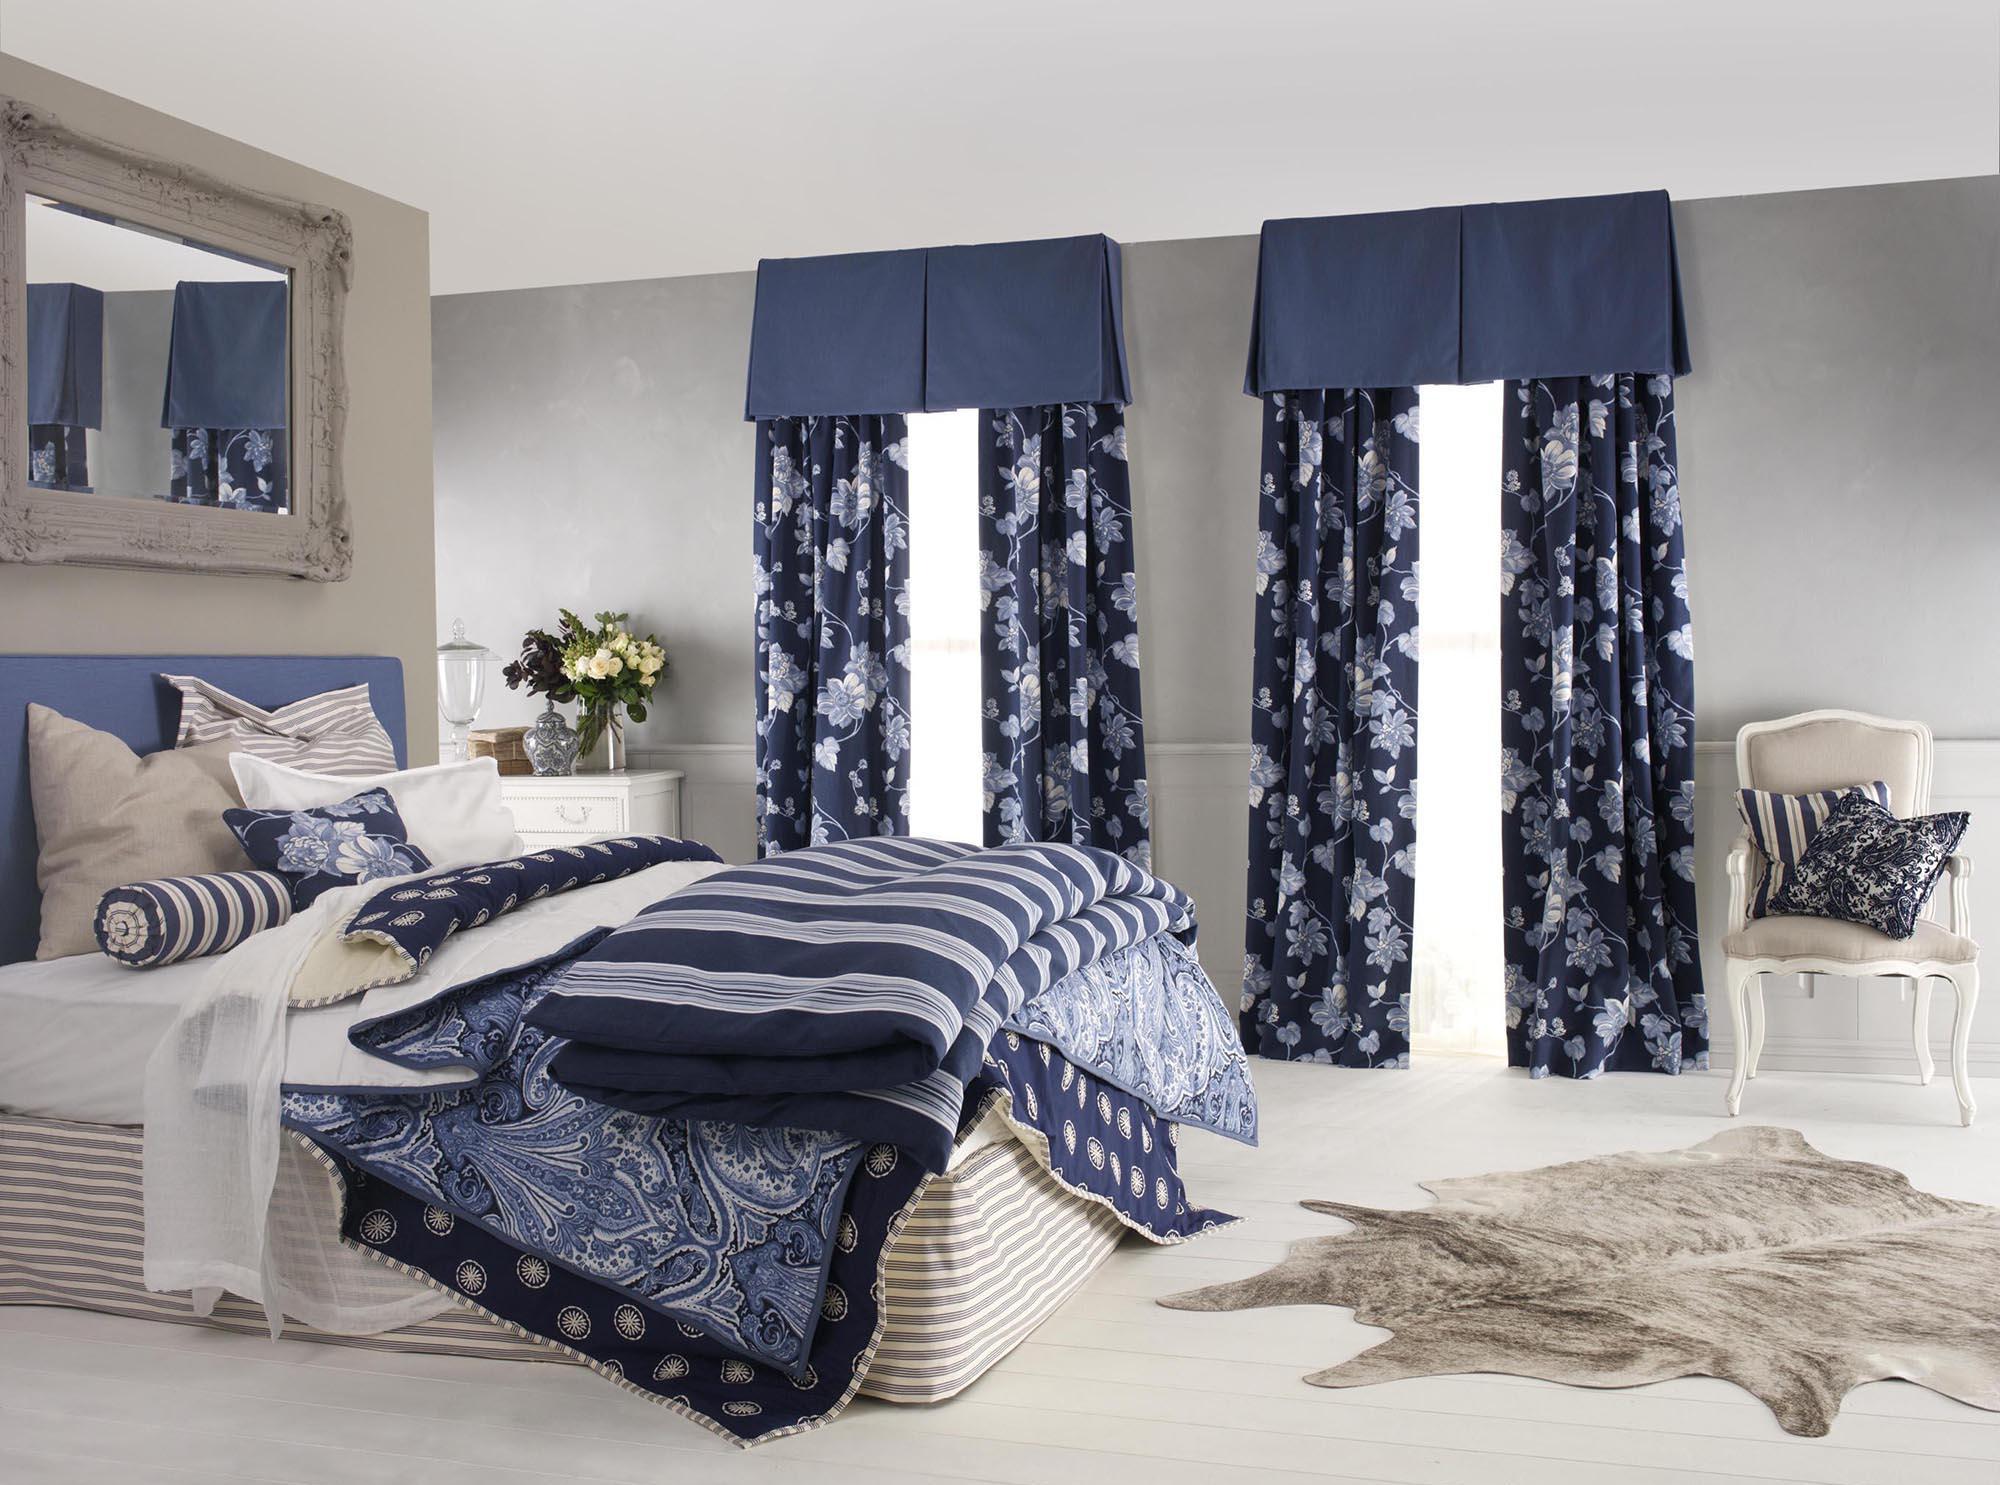 Сочетание бежевого, синего и серого цветов в спальне